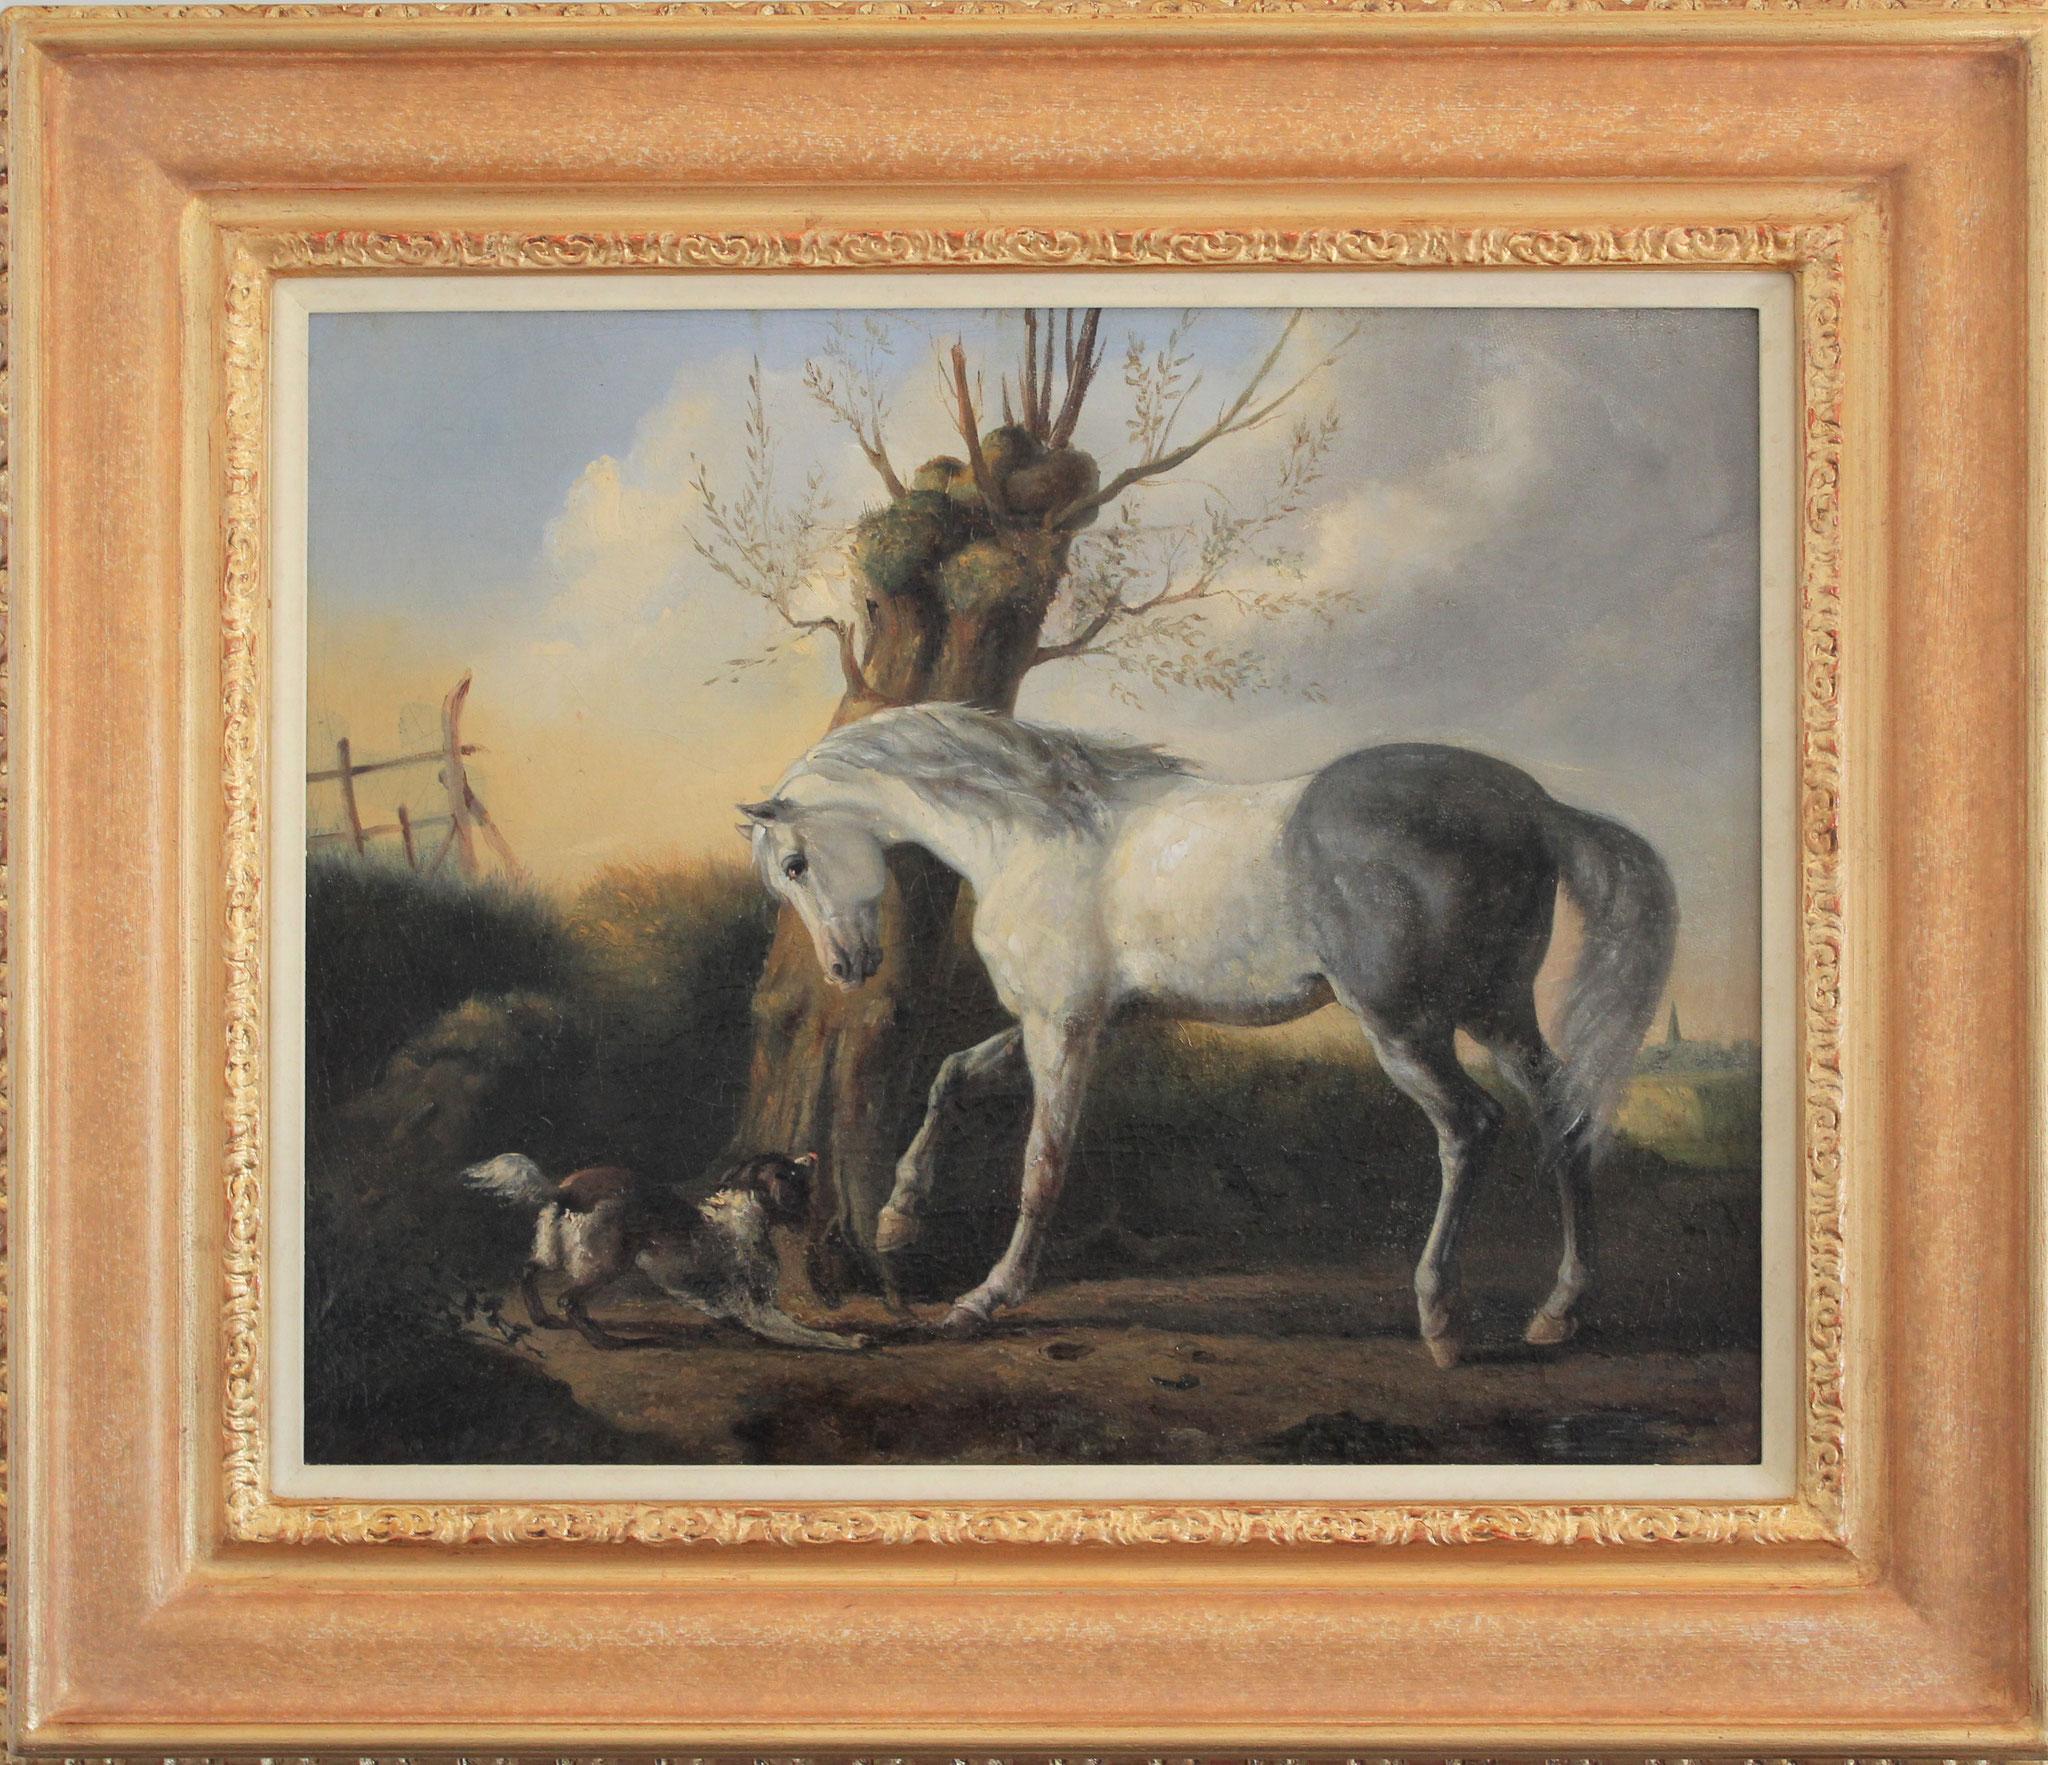 KAREL FREDERIK BOMBLED (1822-1902) | Taxatiewaarde: 3.750,= euro